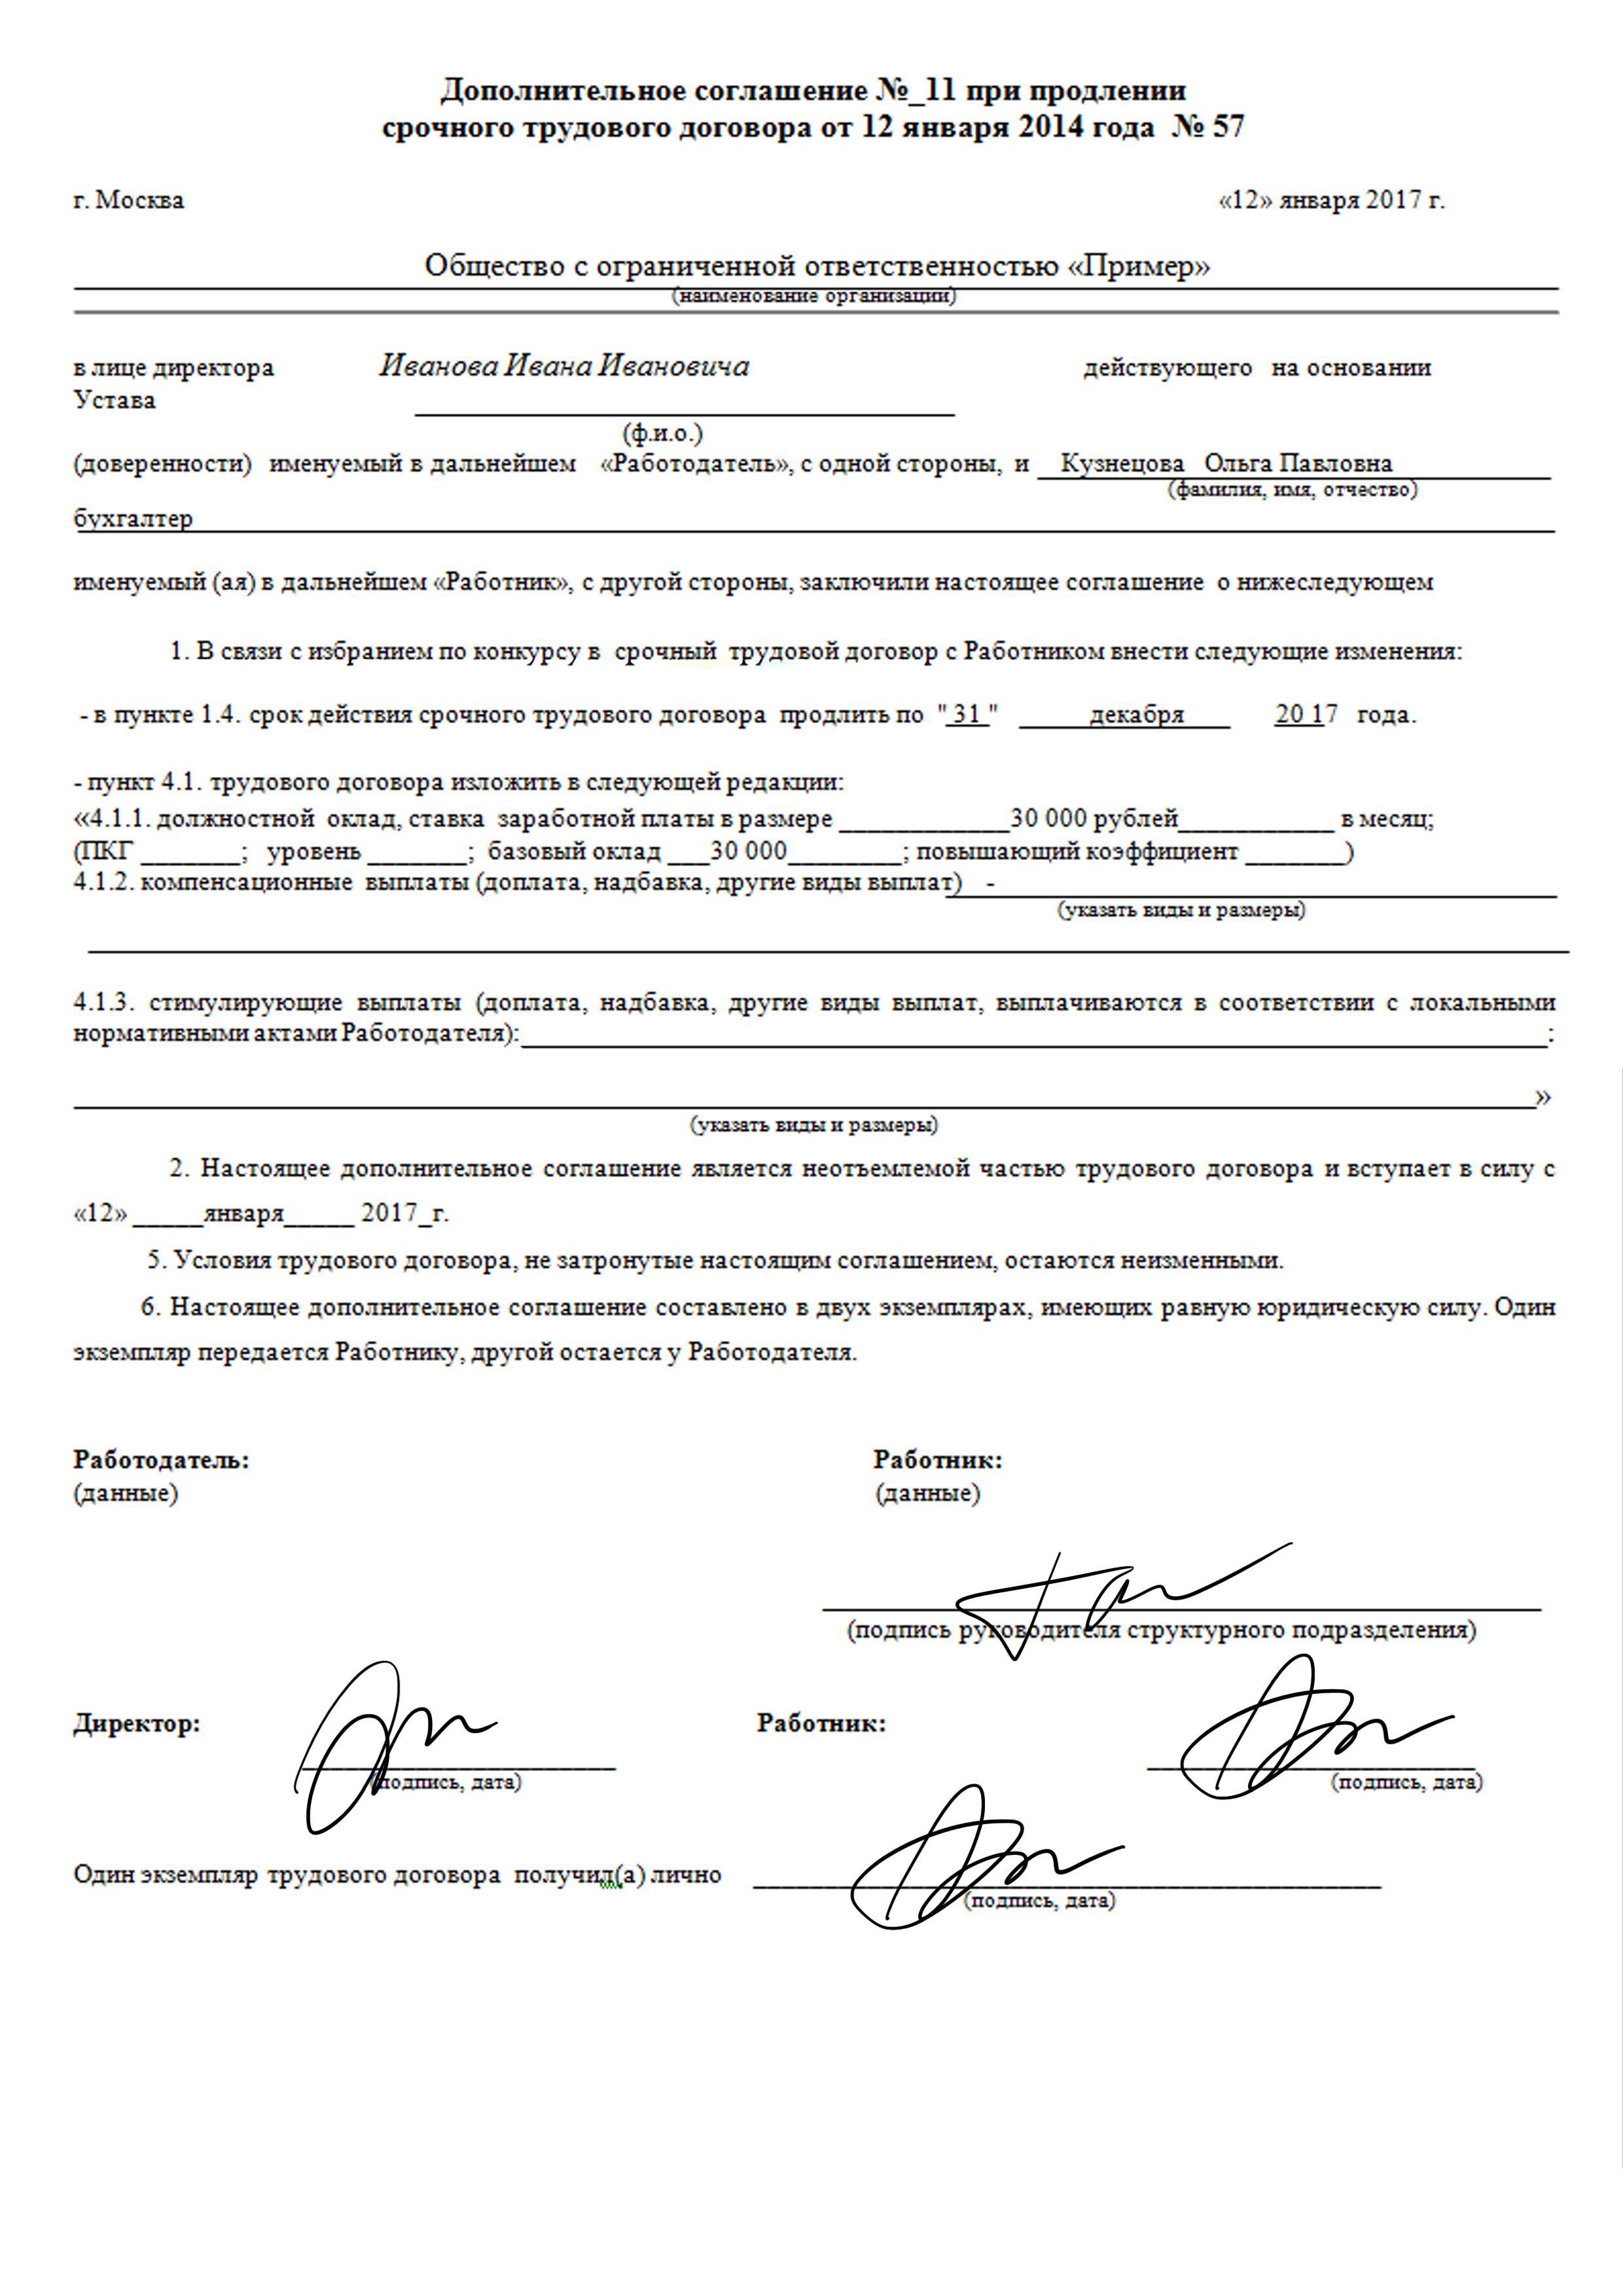 Не подписание дополнительного соглашения к трудовому договору